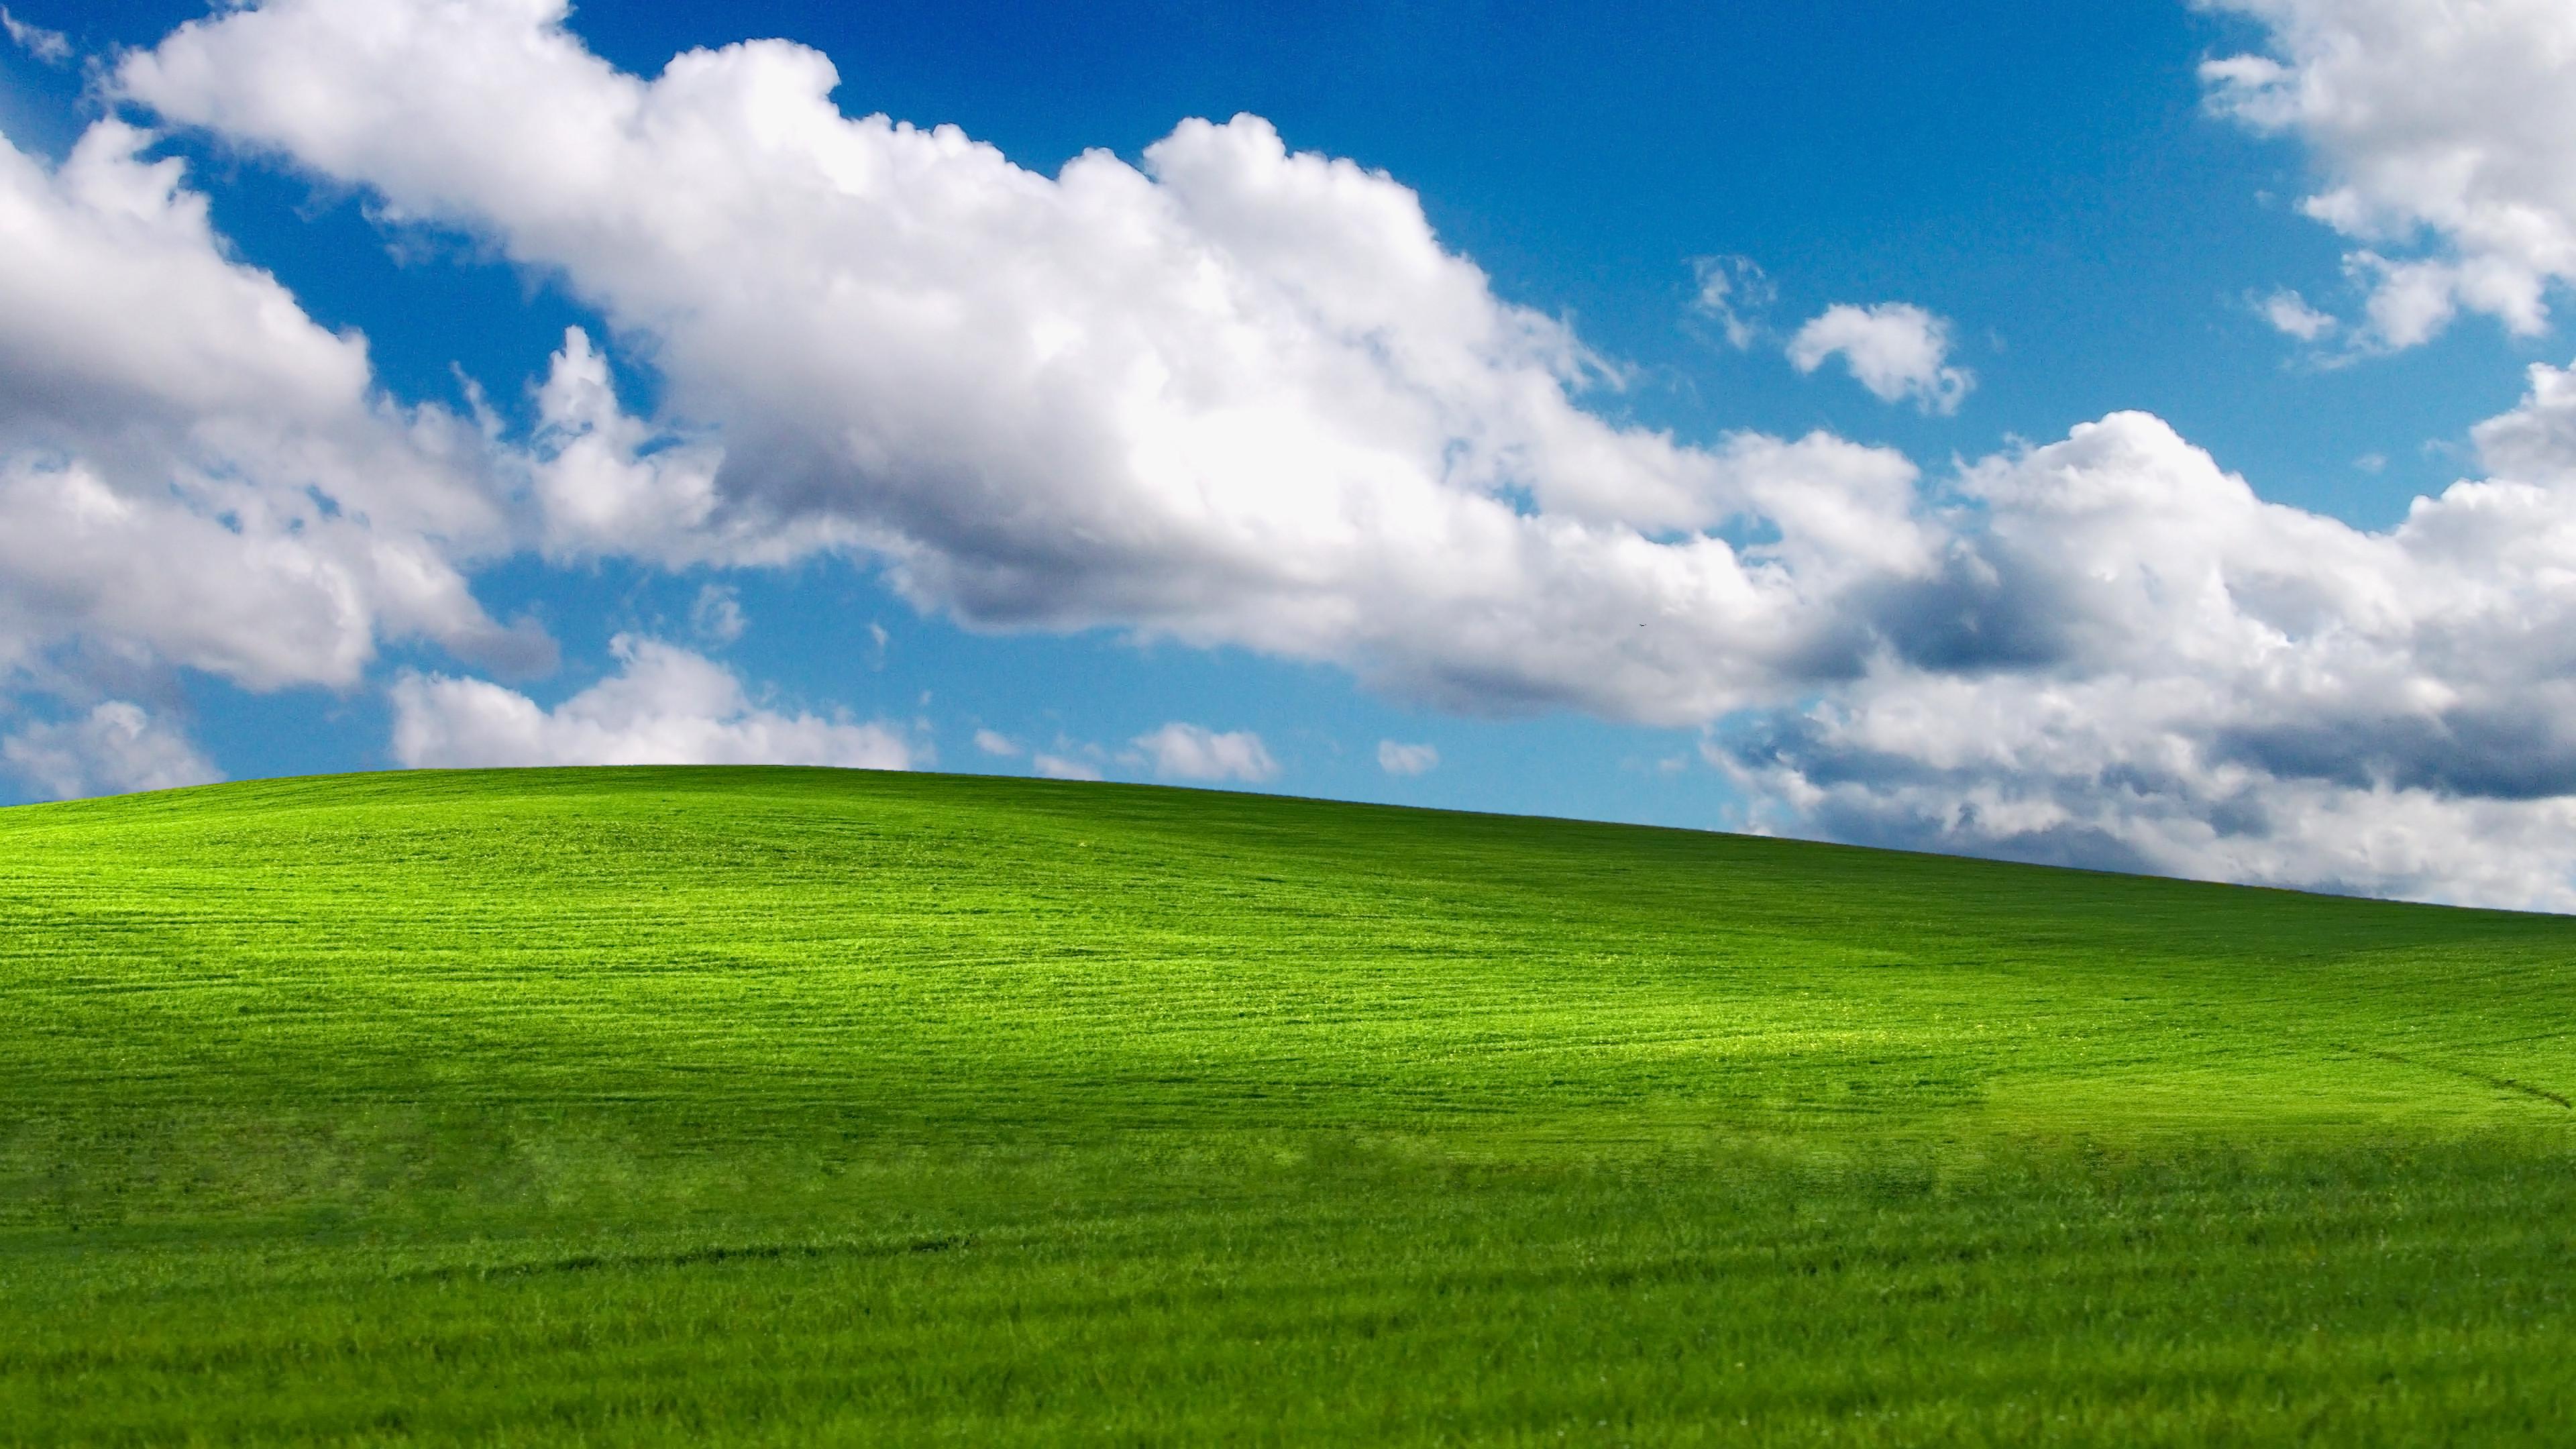 Windows XP Desktop Backgrounds 43 images 3840x2160